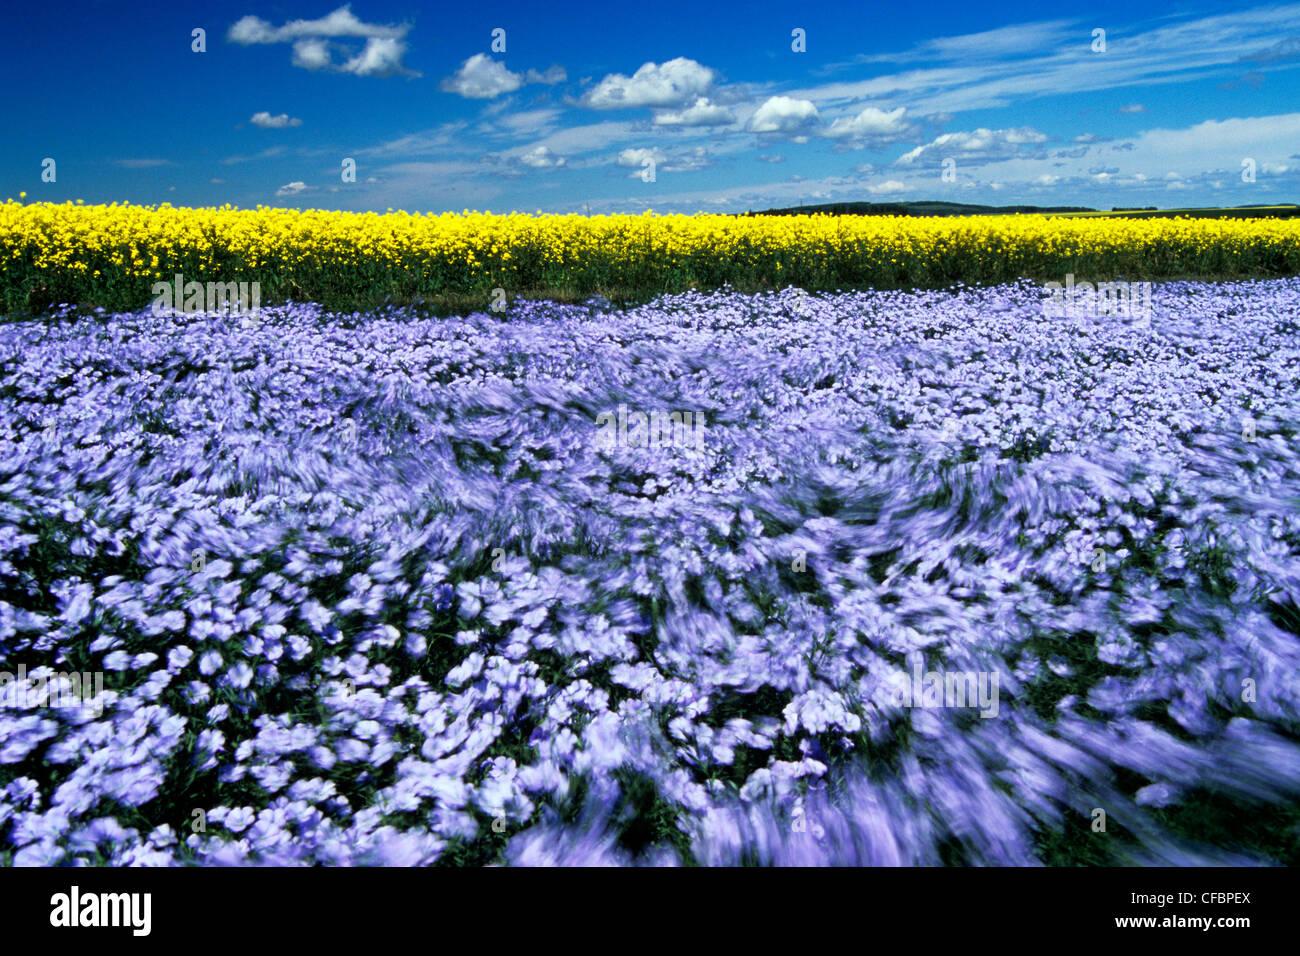 Fioritura battente campo di lino con la canola in background vicino a Somerset, Manitoba, Canada Immagini Stock